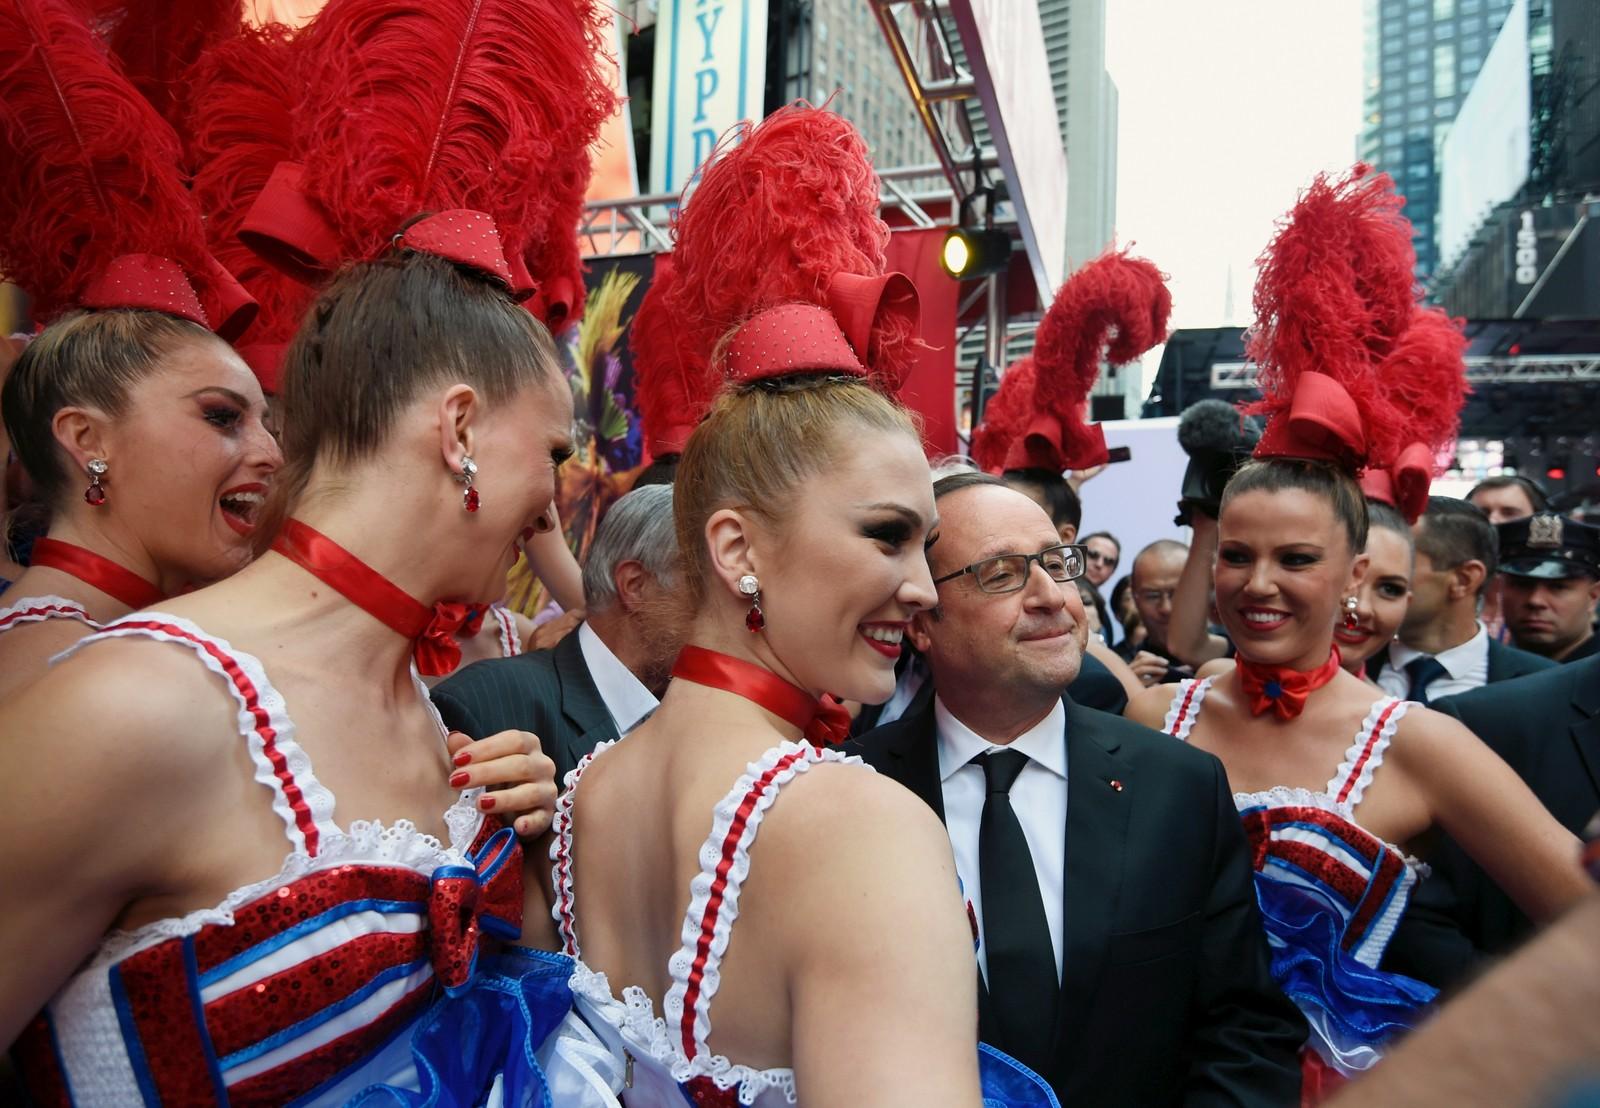 """Den franske presidenten Francois Hollande poserer med dansere fra legendariske """"Le Moulin rouge"""" på Broadway i New York. Hollande var en av mange verdensledere som var samla i FN denne uka."""